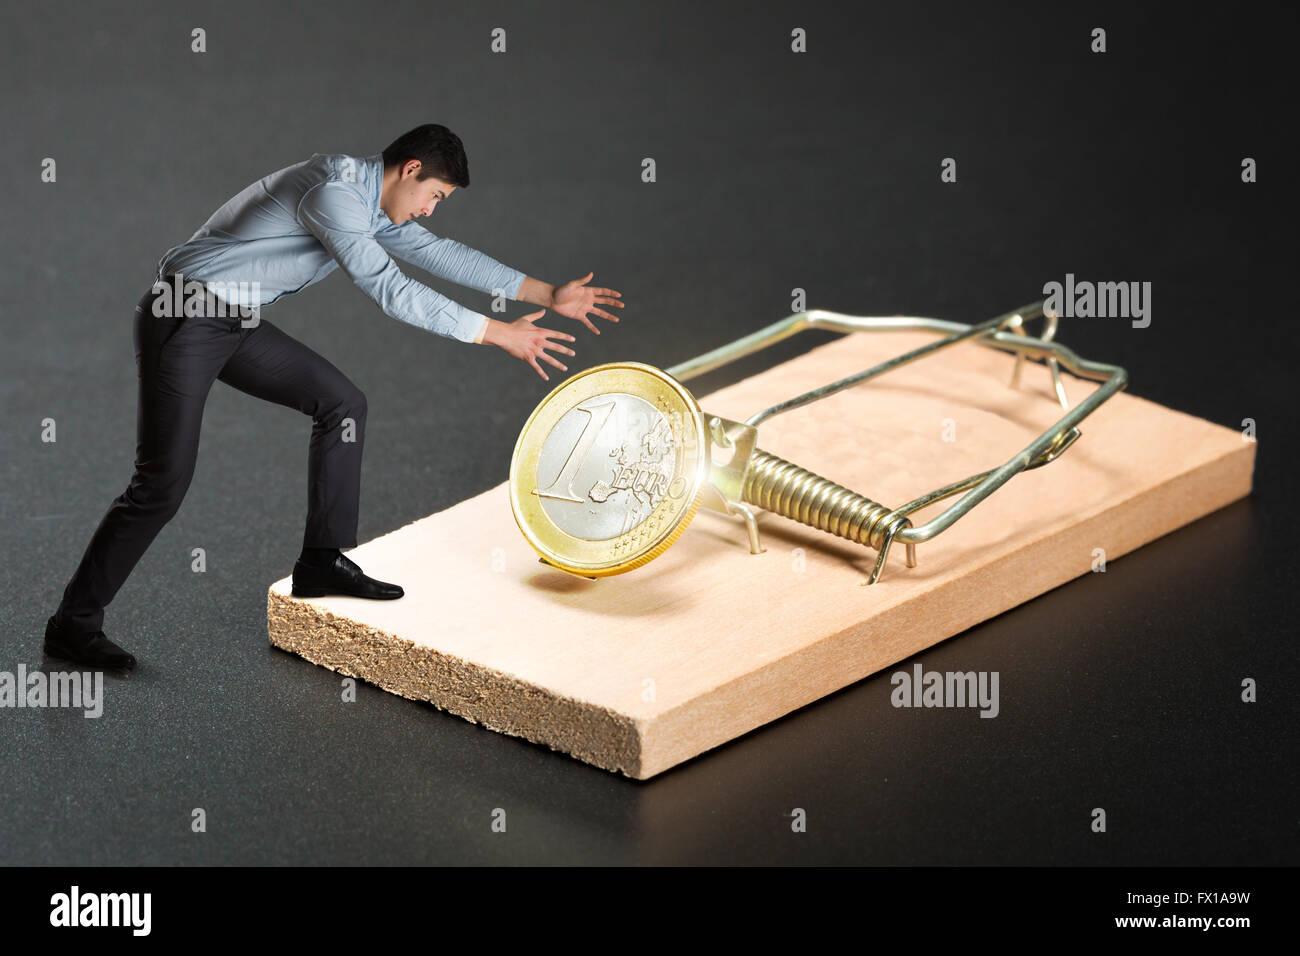 Homme essayant de choisir une pièce d'or Photo Stock